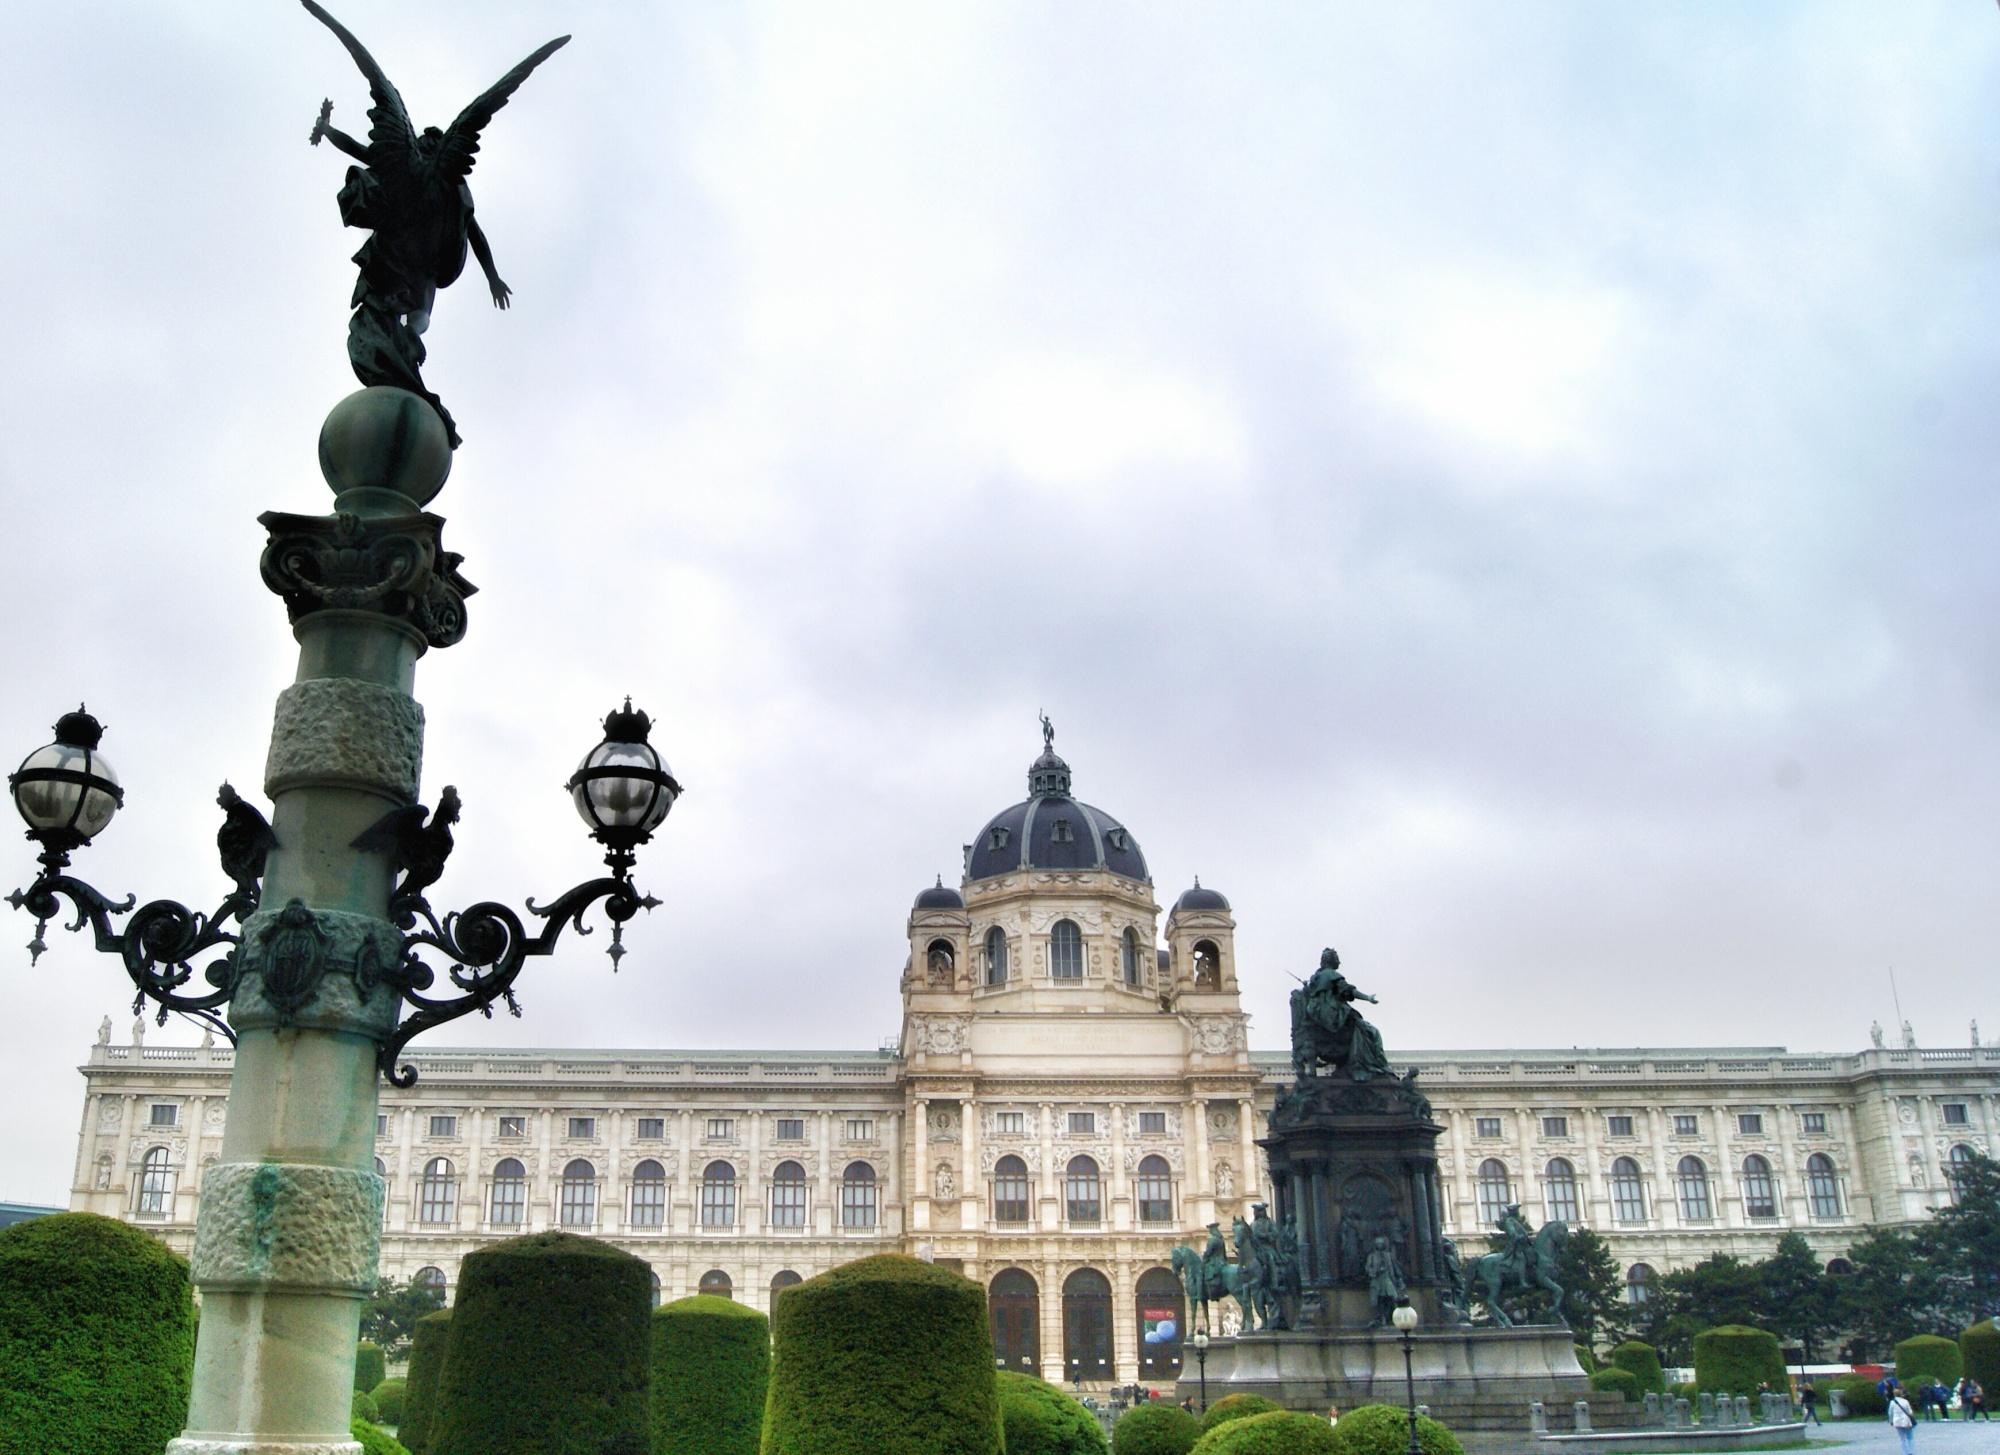 Naturhistorisch museum Vienna frontside